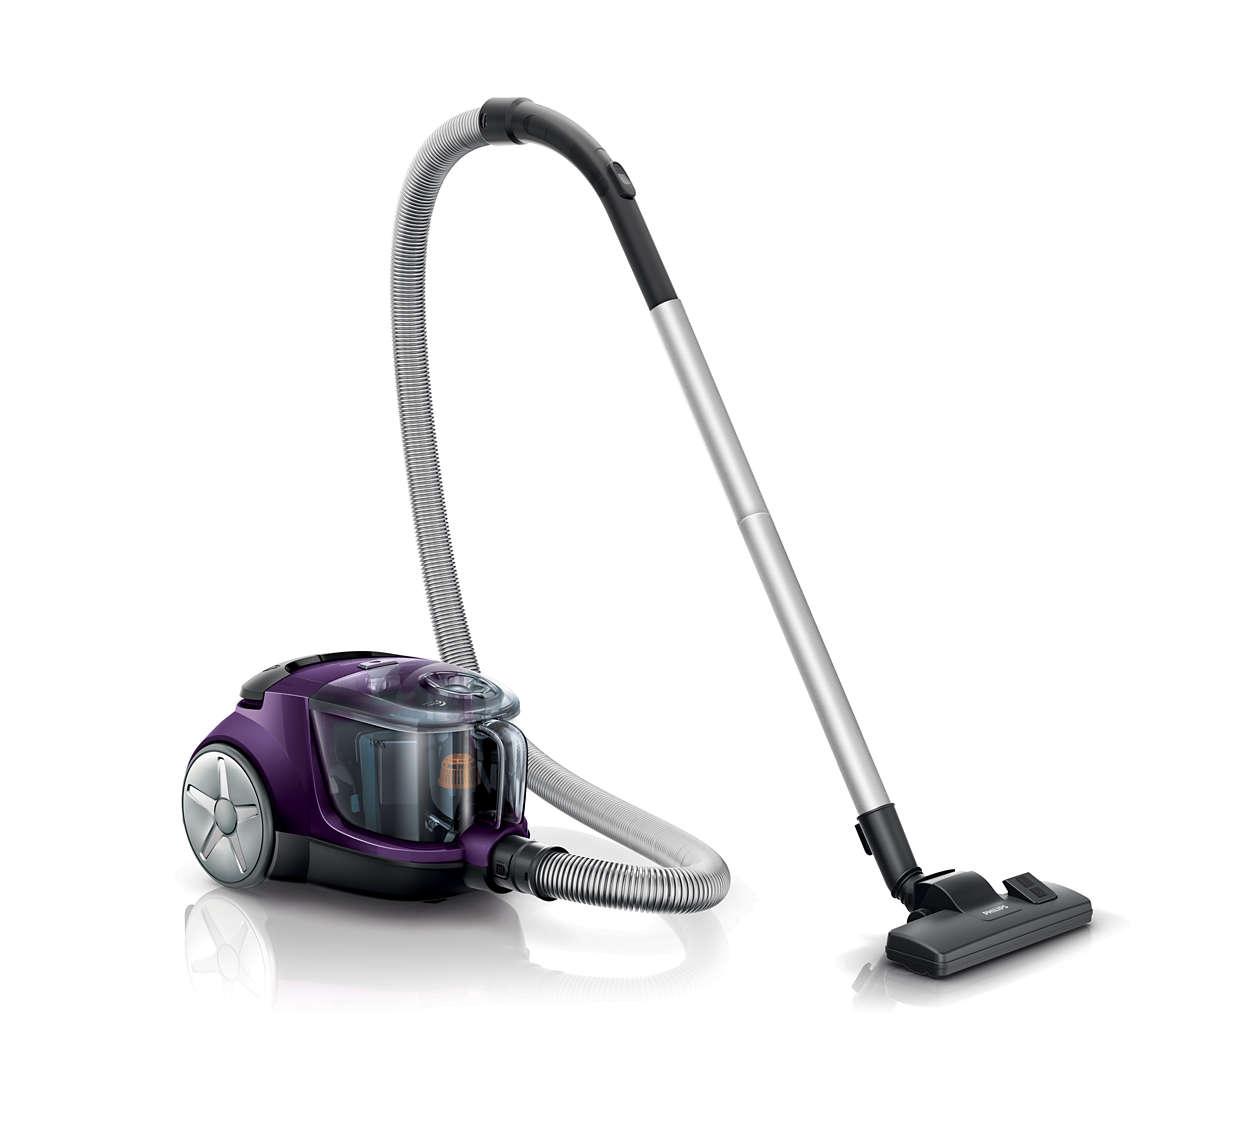 더 효과적인 청소를 위한 20% 더 강력한 흡입력*